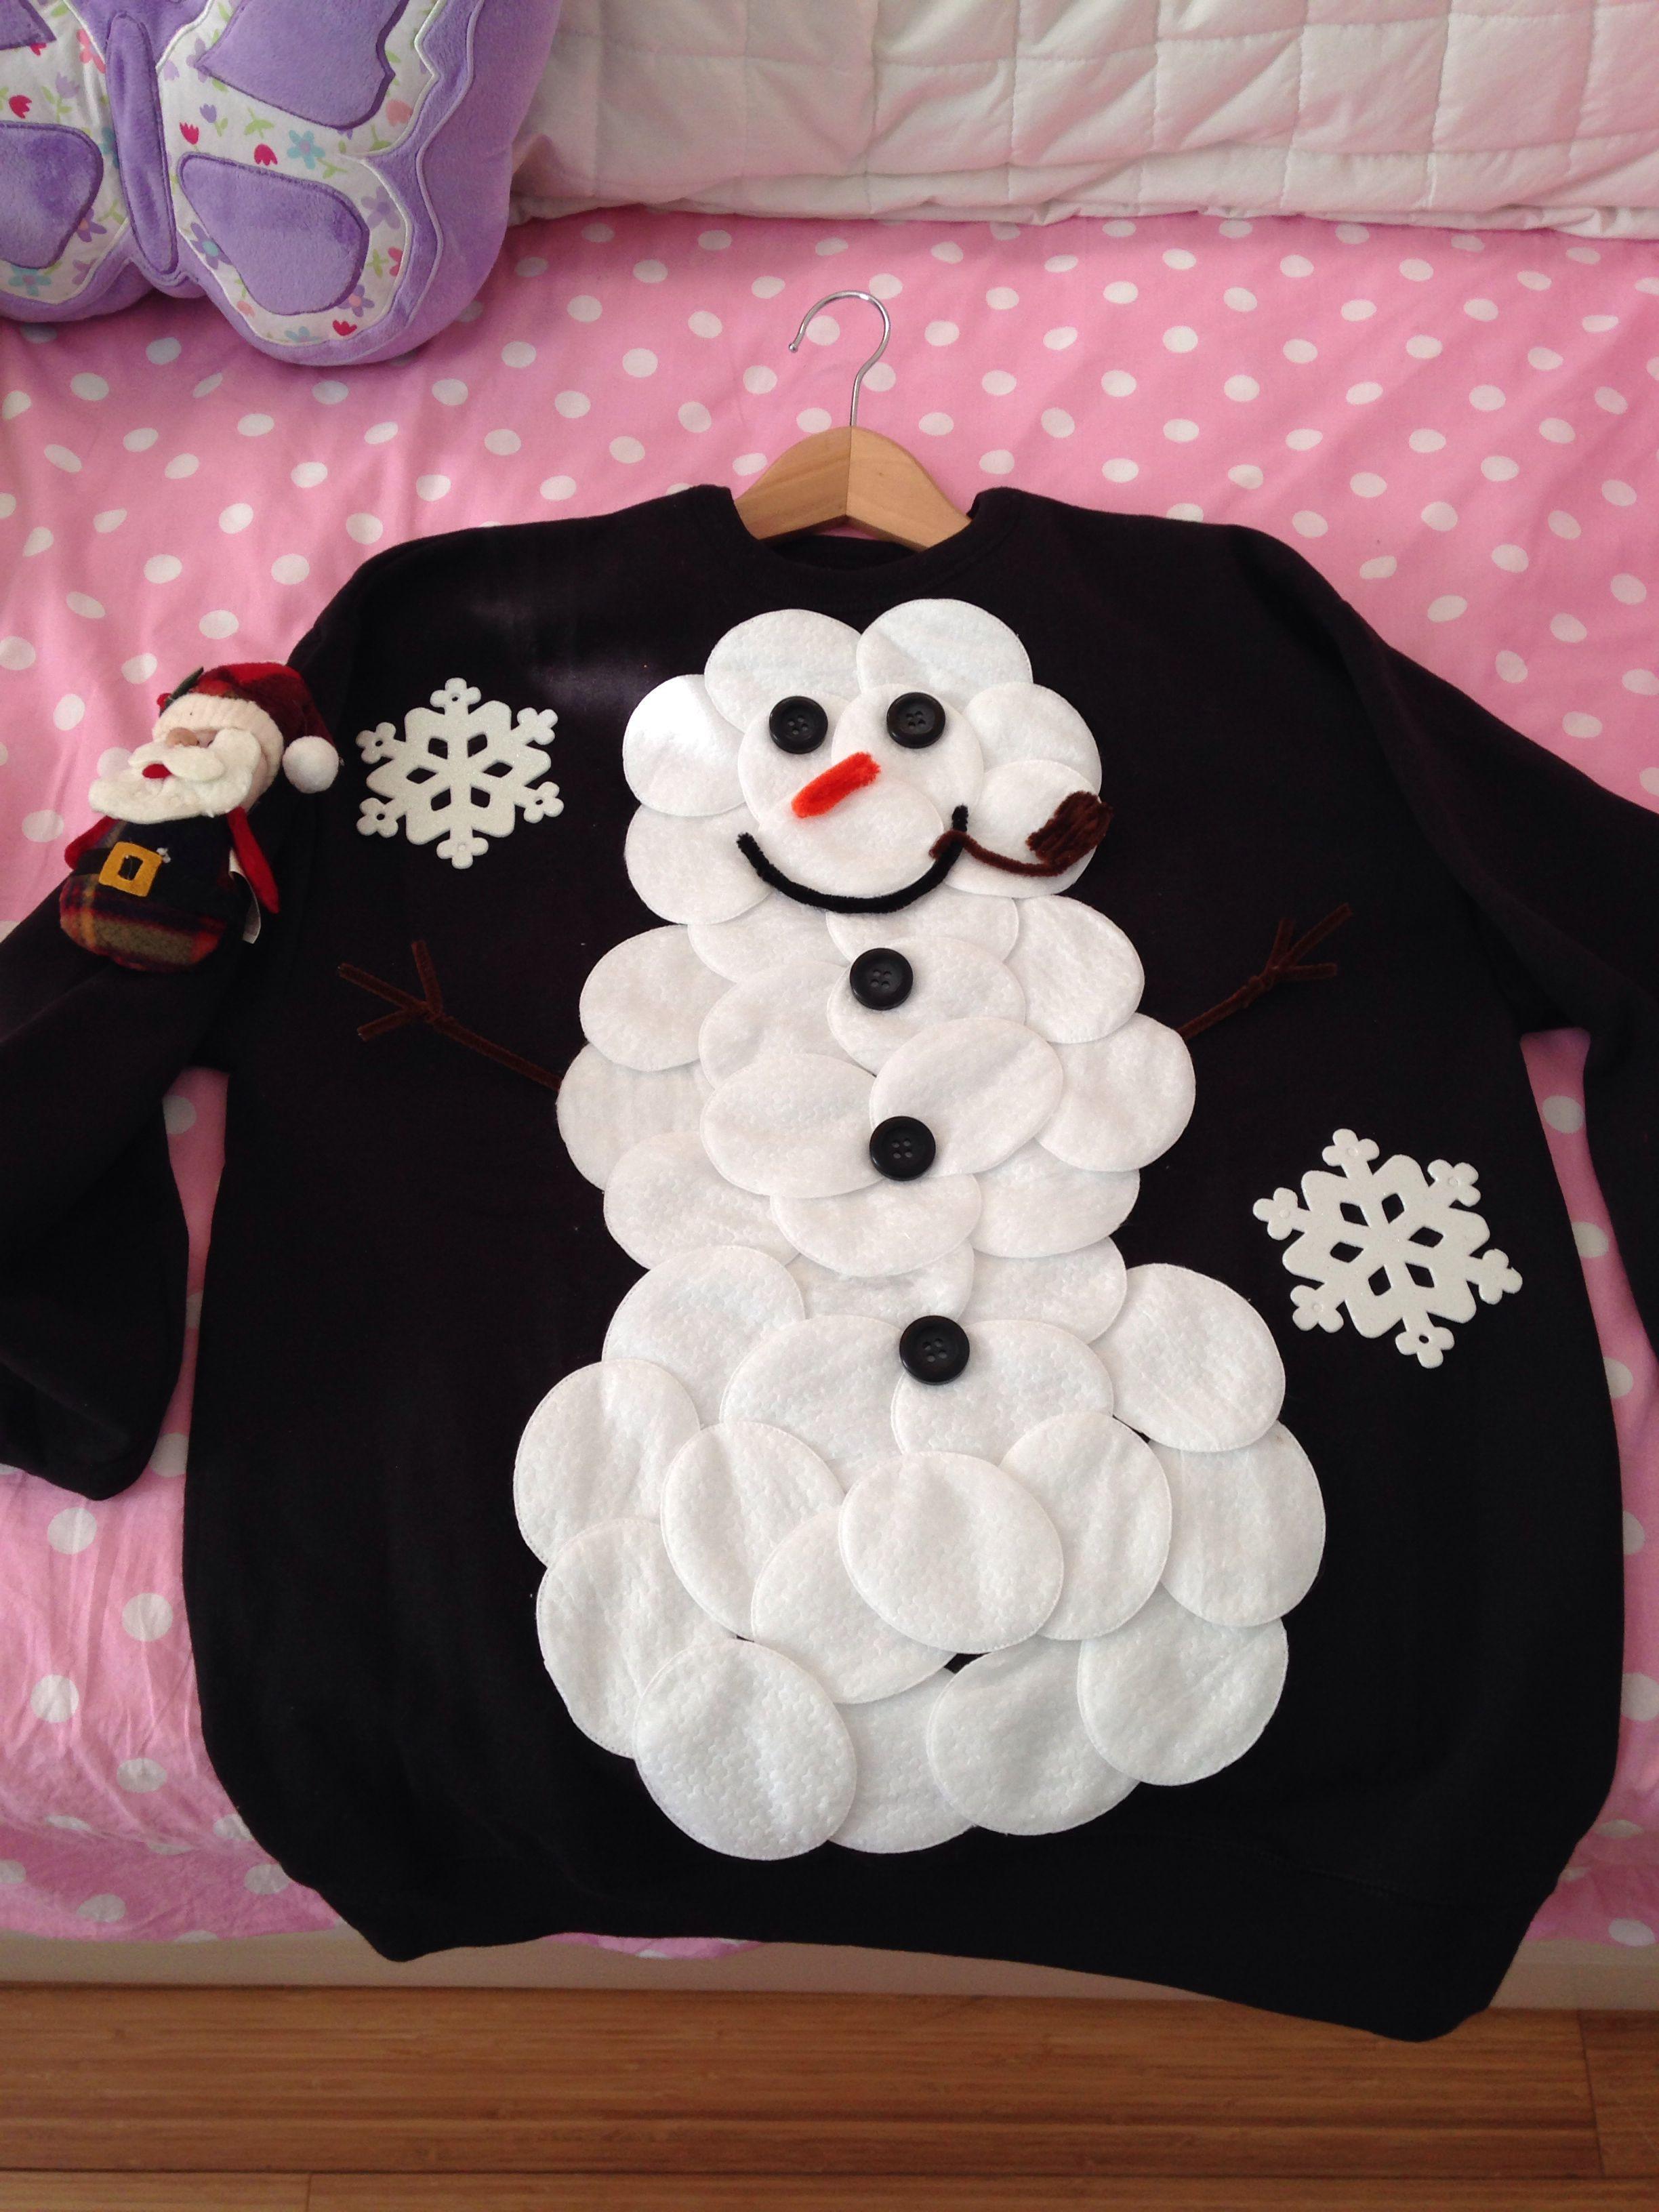 DIY Ugly Sweater Suéter feo de navidad, Sueteres